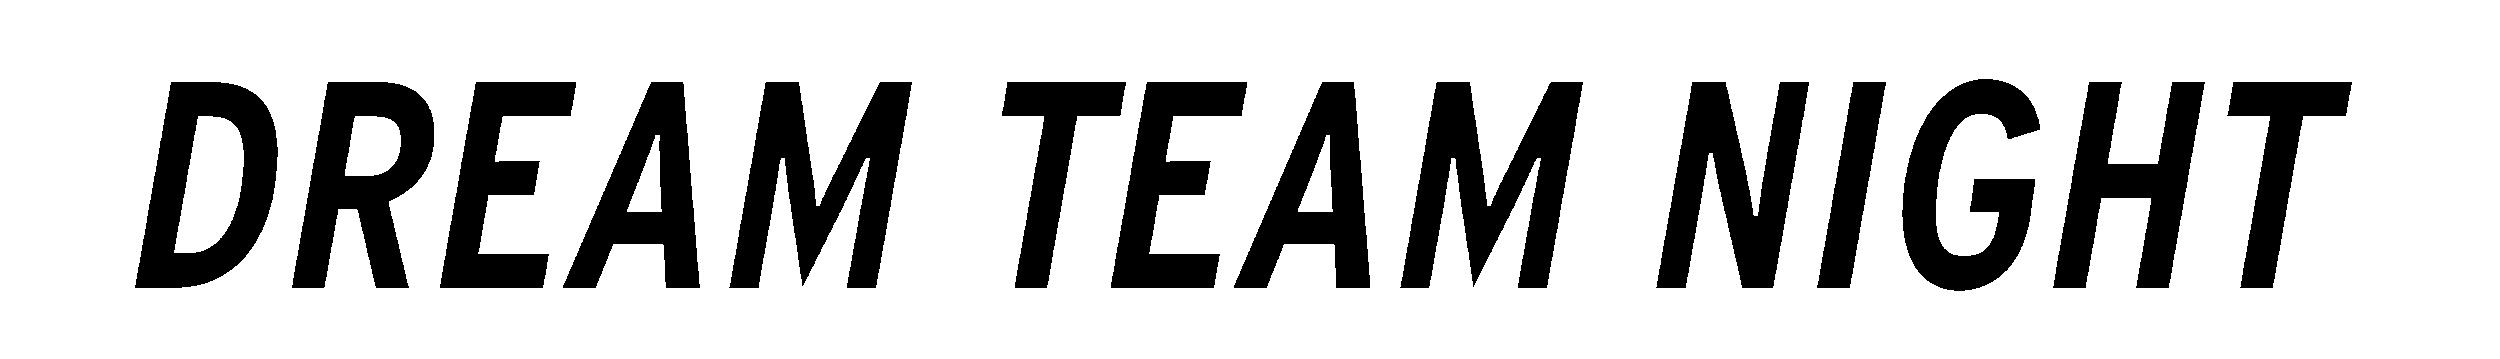 dream-team-night_header.png